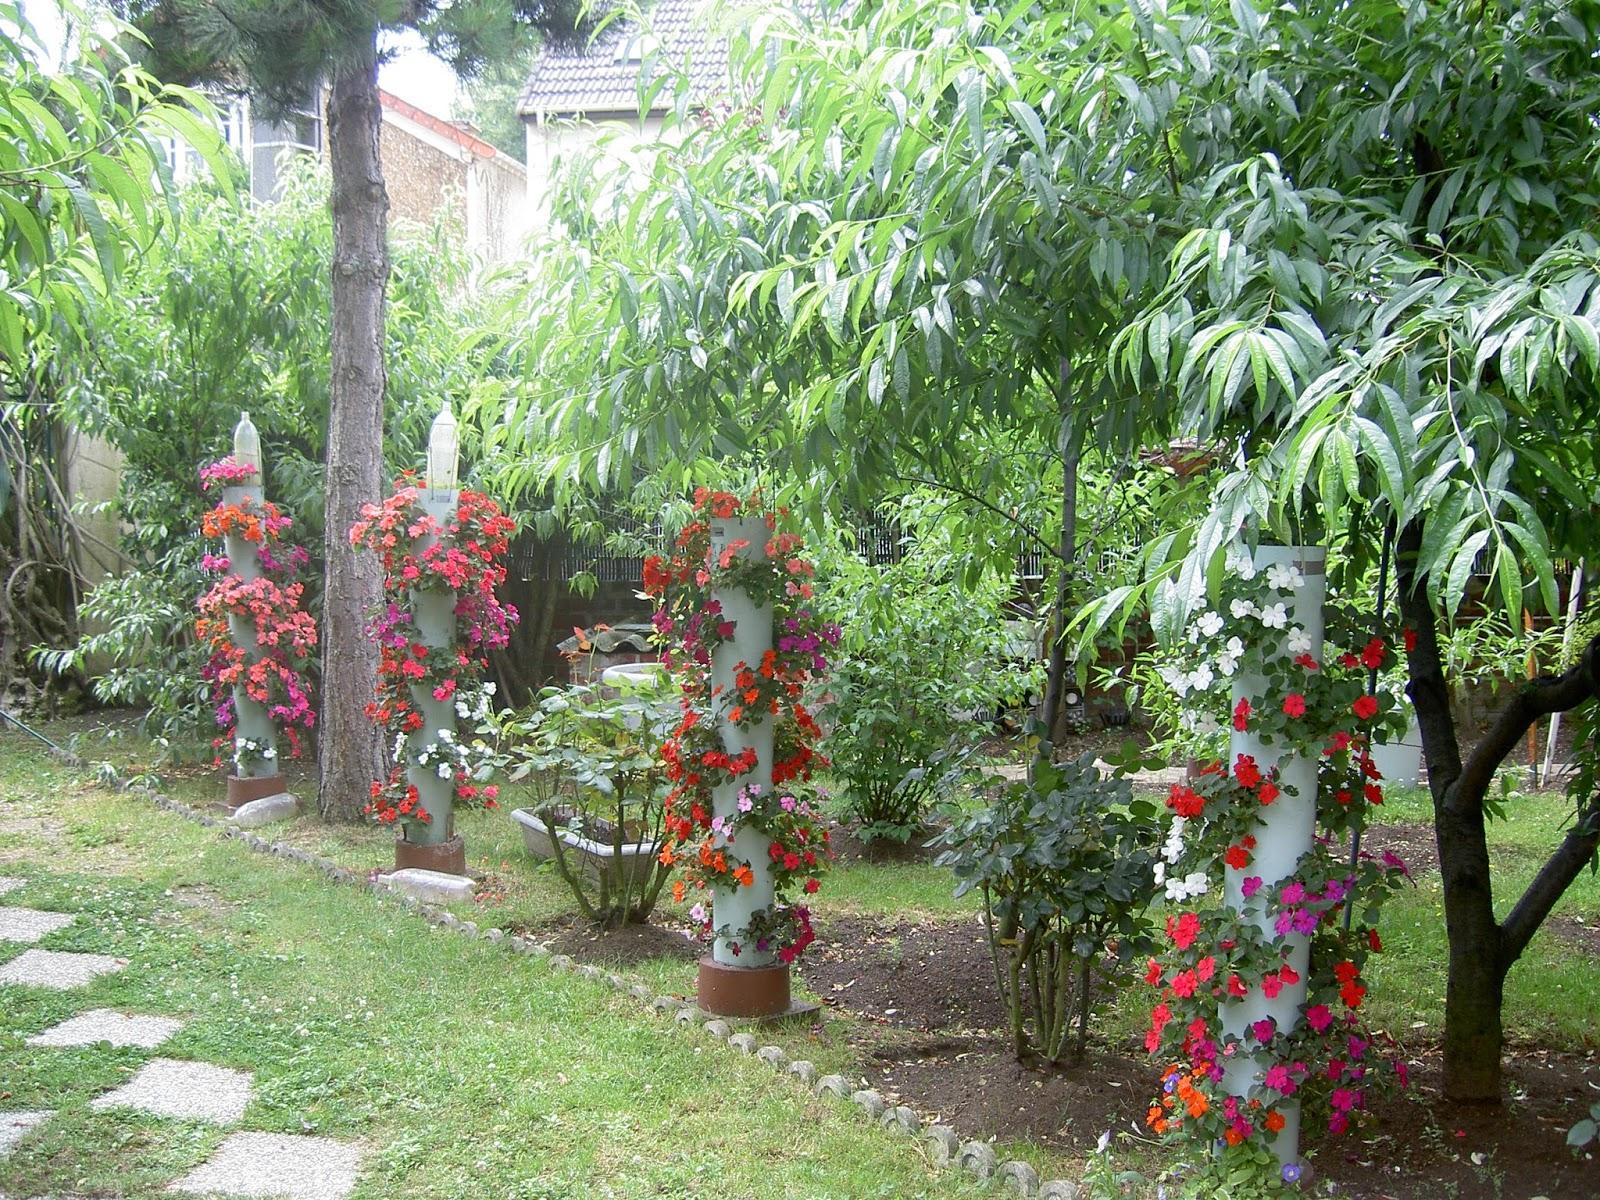 VERTICAL PVC PIPE FLOWER GARDEN Jardin Du0027agrément De Tuyau Vertical En Pvc  Tạo Dựng Cột ống Pvc Thành Vườn Cảnh